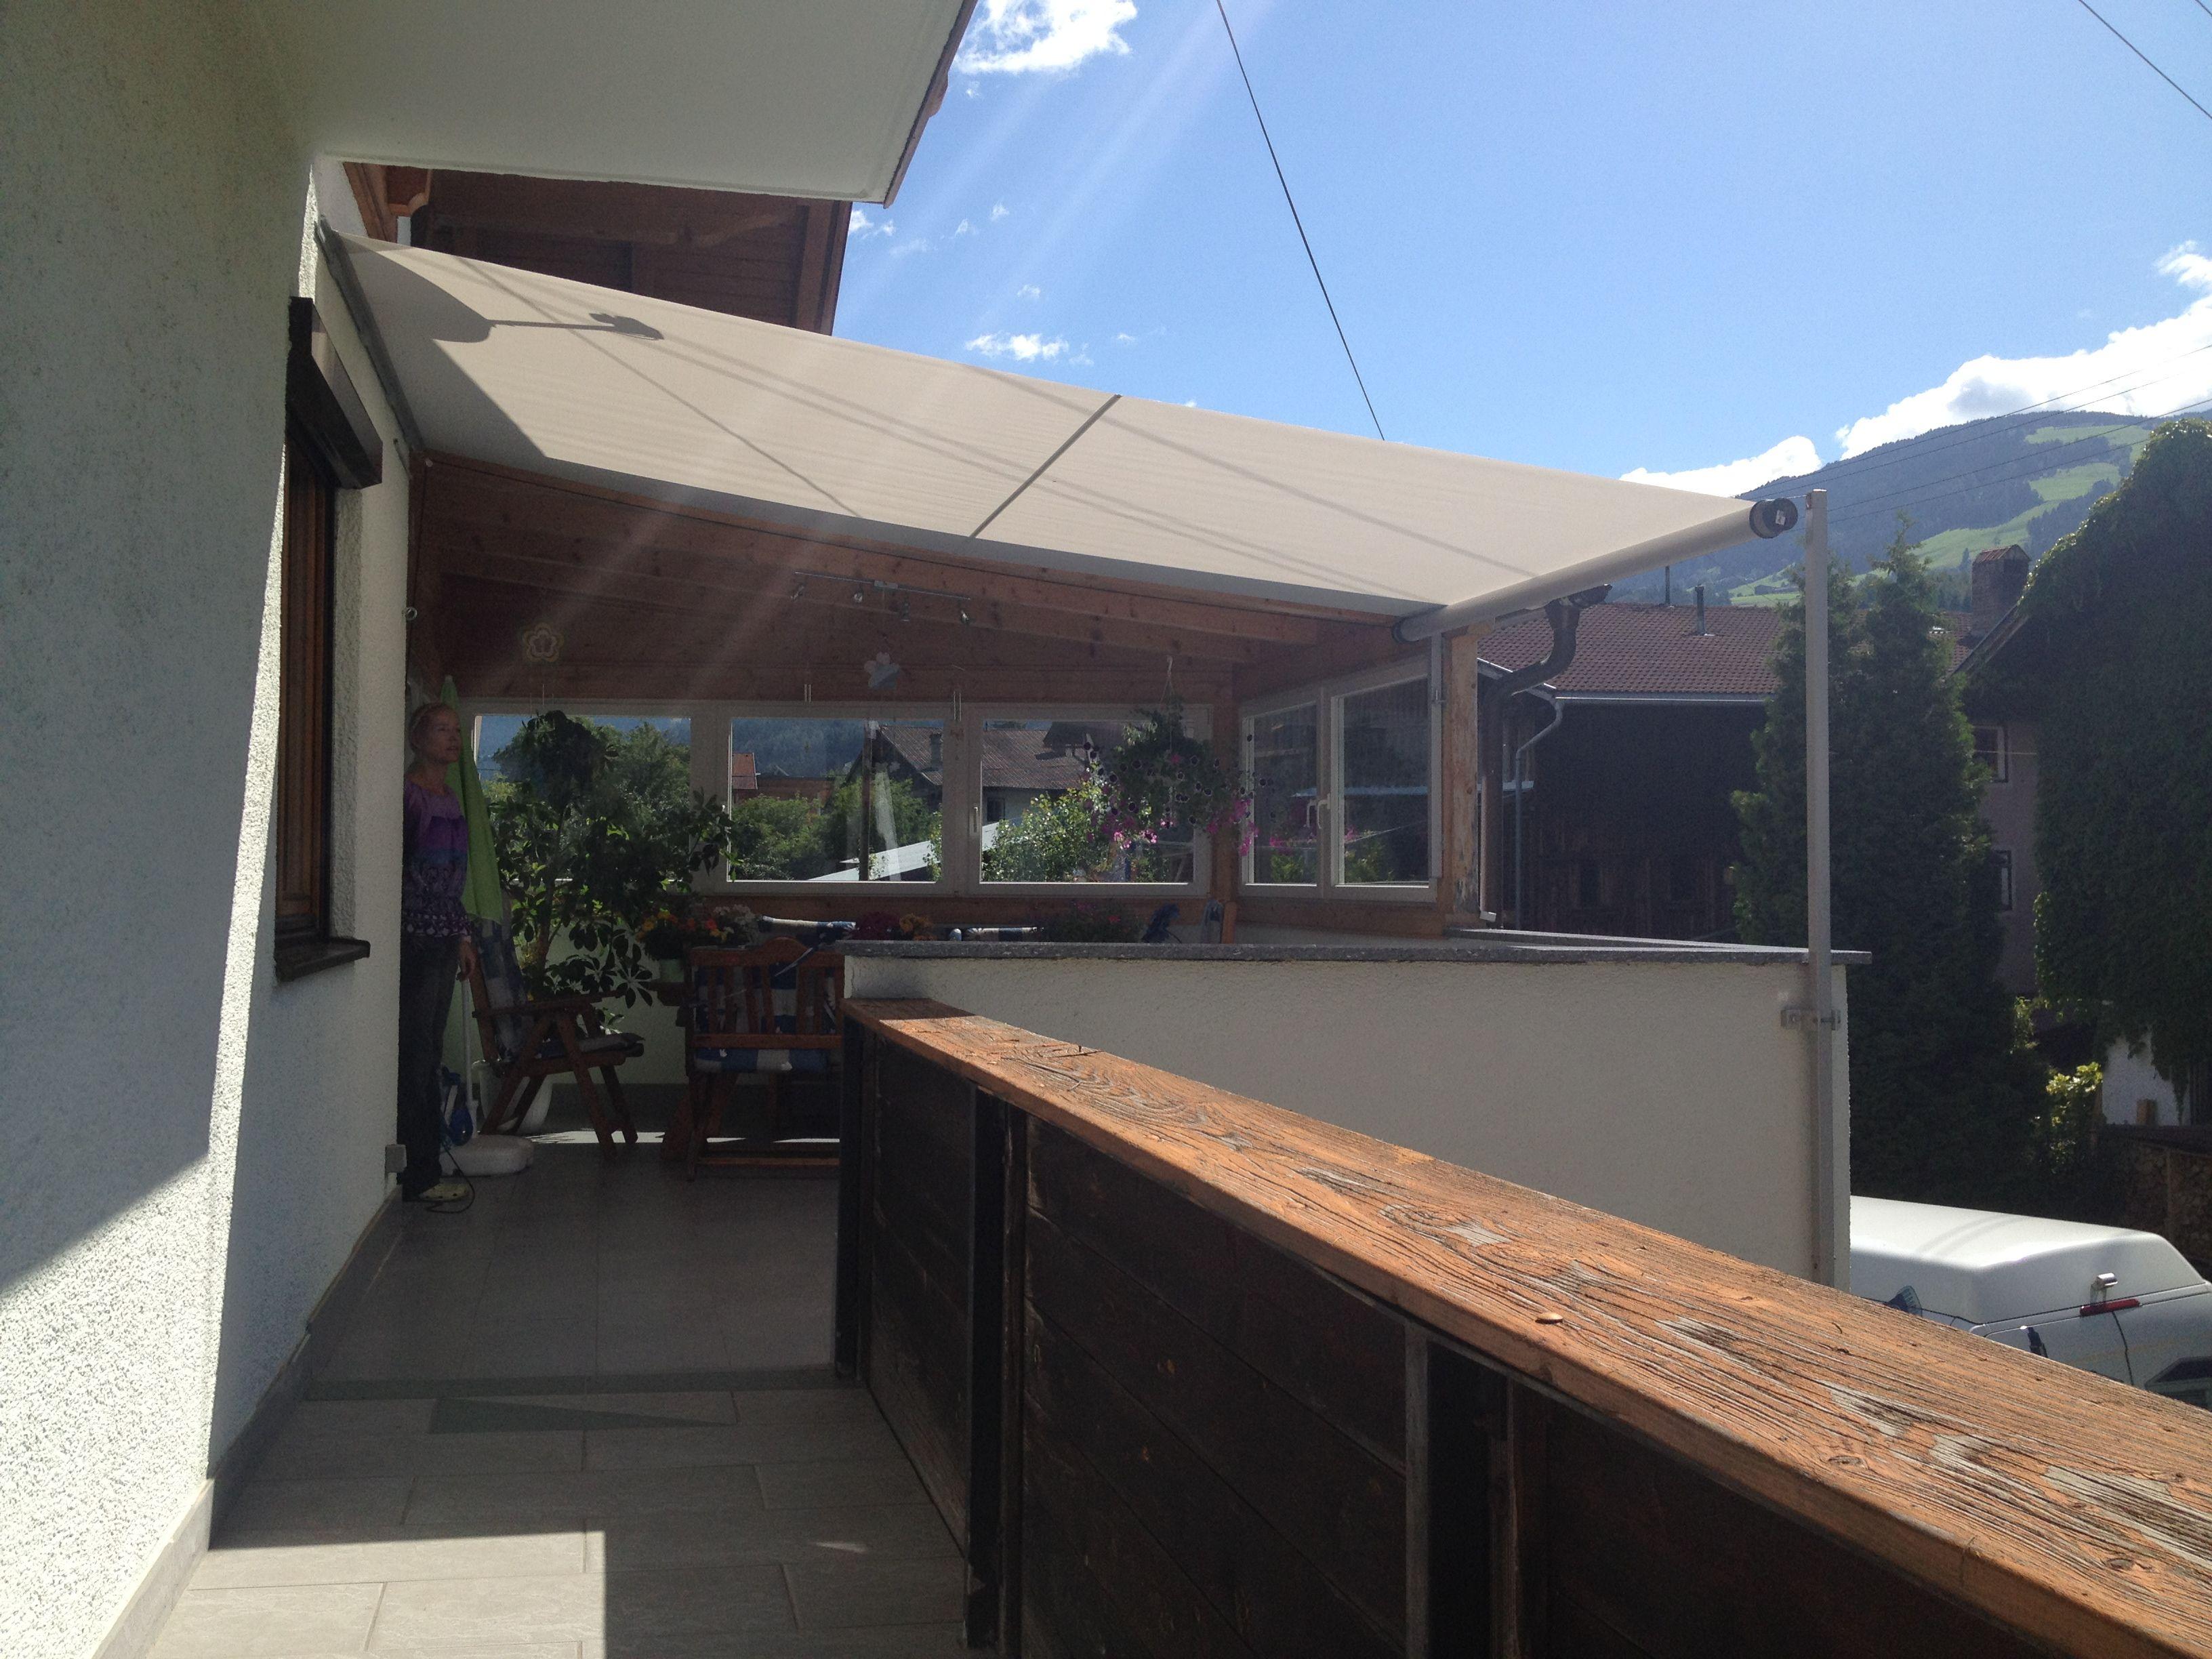 sonnensegel balkon great ein sonnensegel ist ein optischer akzent vmorfield with sonnensegel. Black Bedroom Furniture Sets. Home Design Ideas